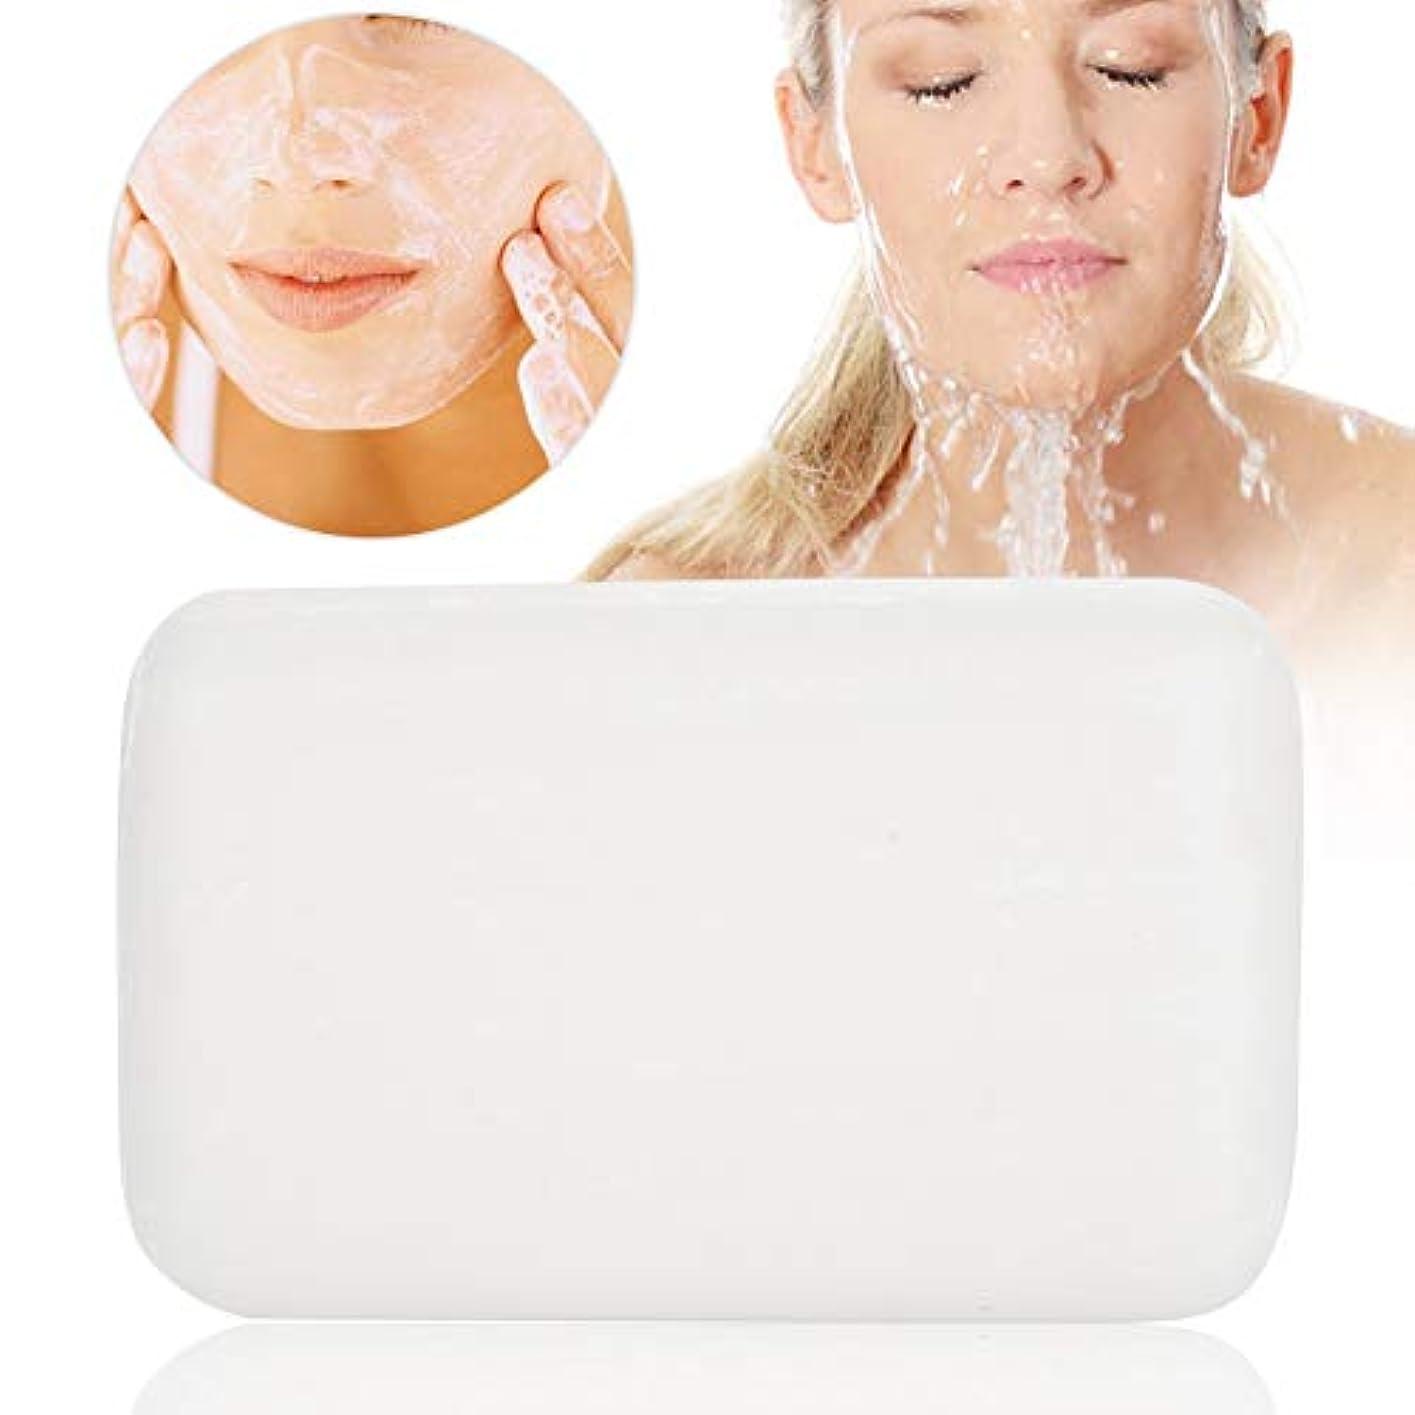 アーネストシャクルトン数学約束する美容石鹸 シミ取り! (洗顔?全身用) せっけん バスサイズ 洗顔石けん 無添加 低刺激性 化粧石鹸